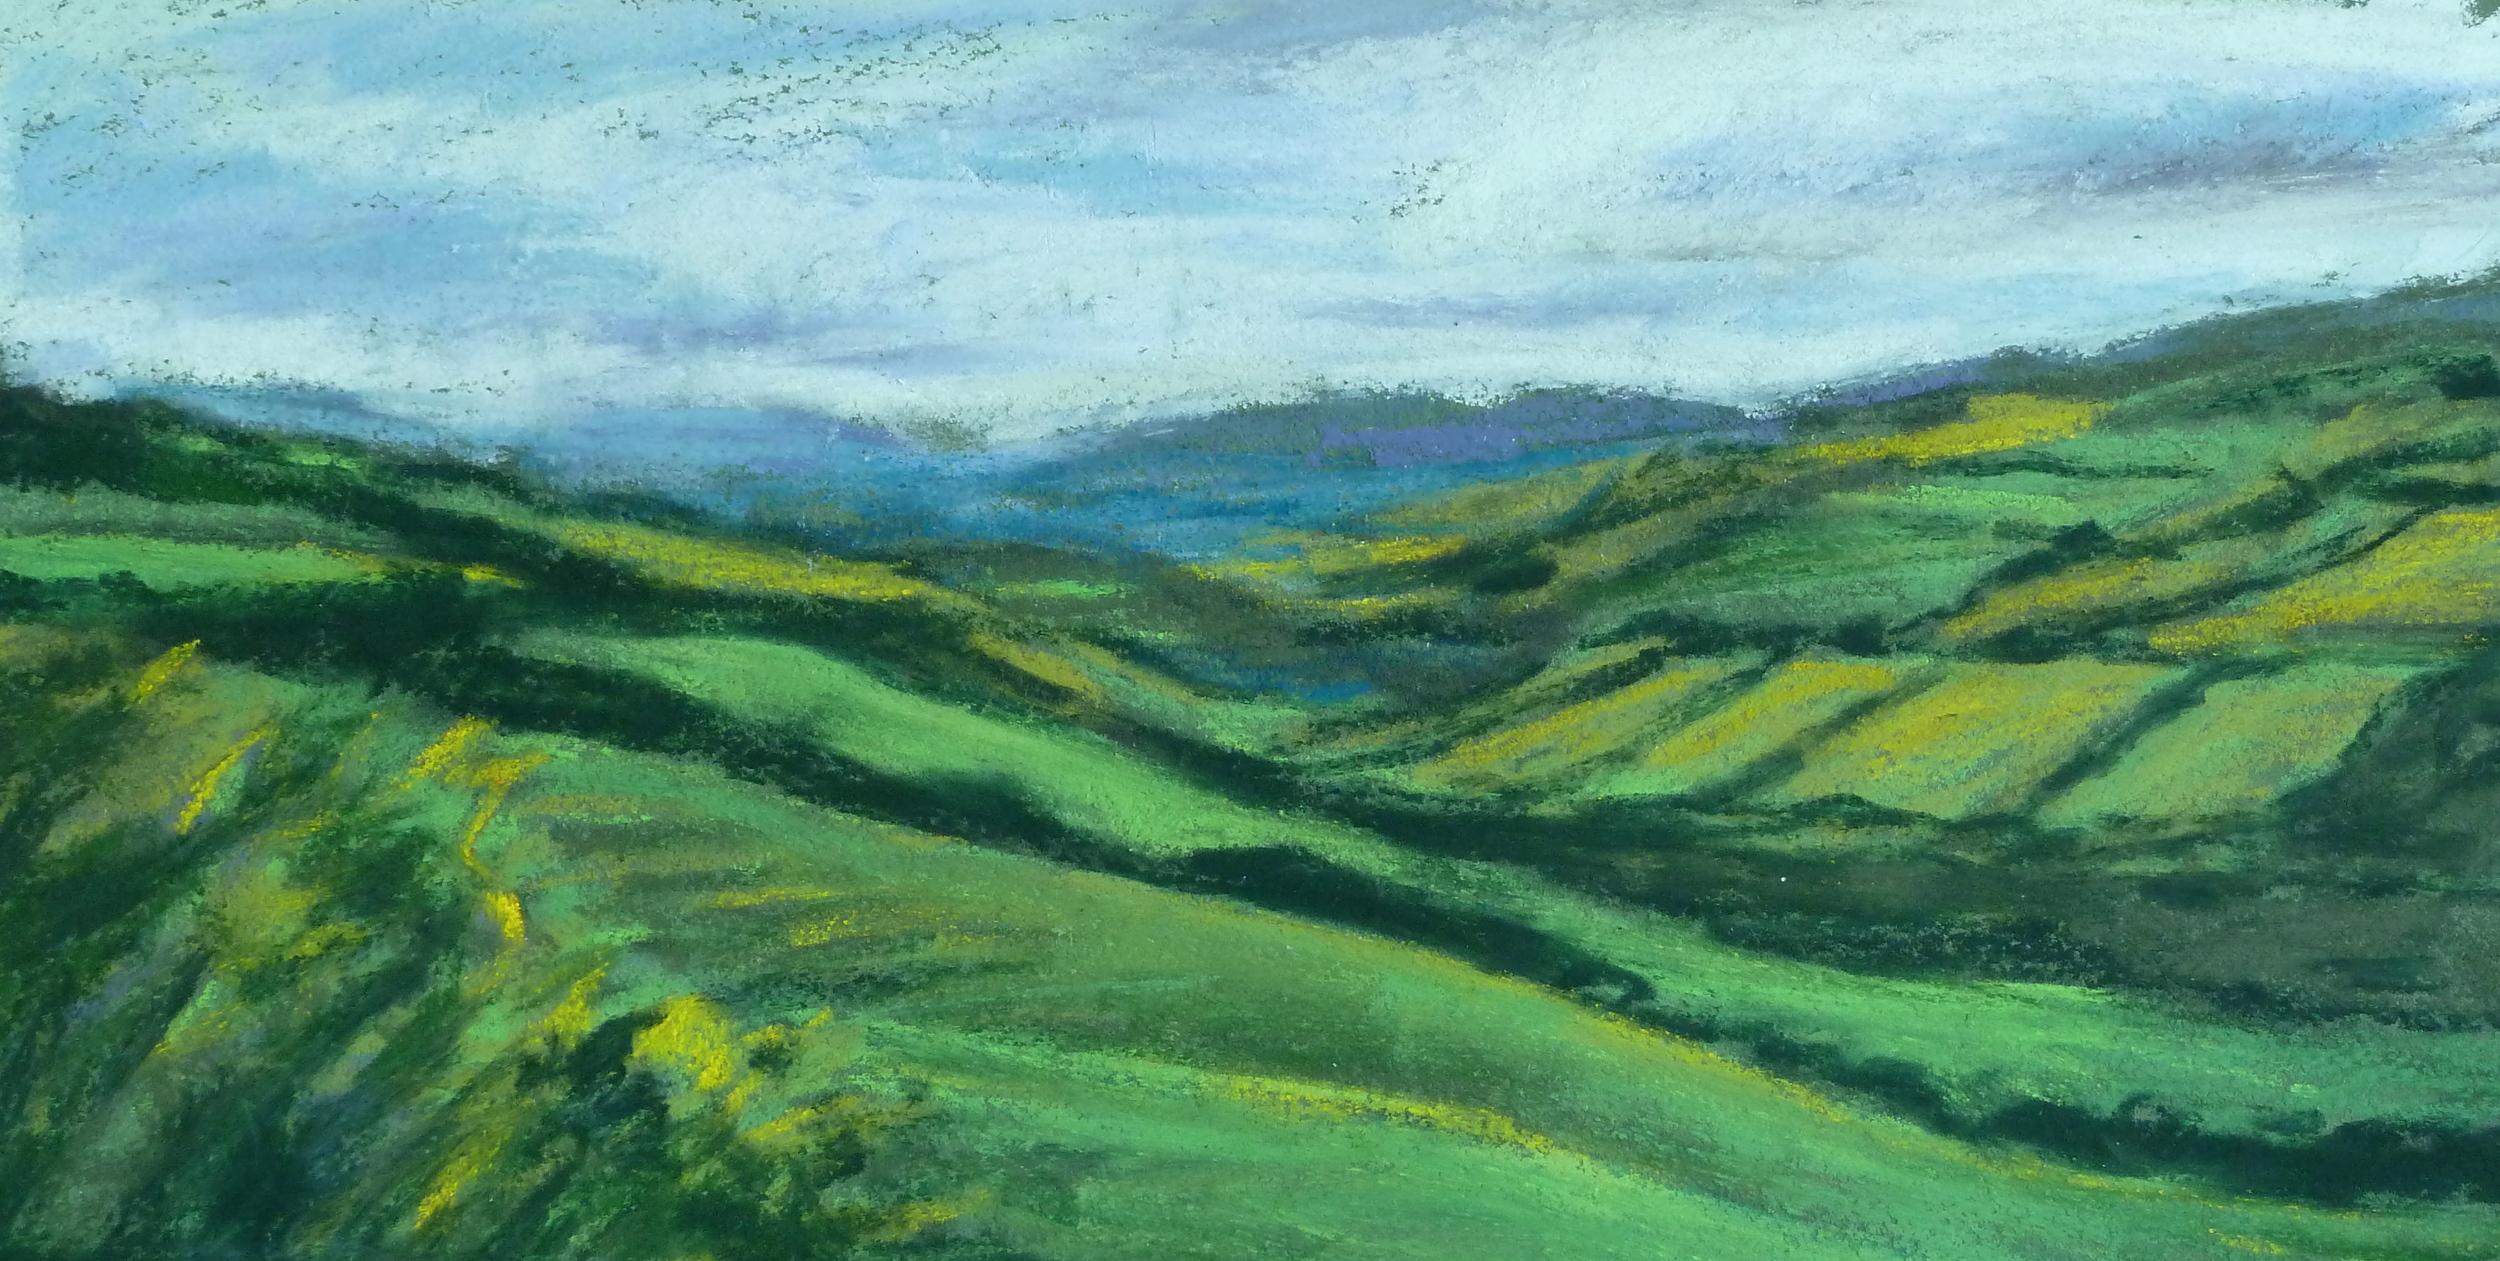 Hills in Ireland